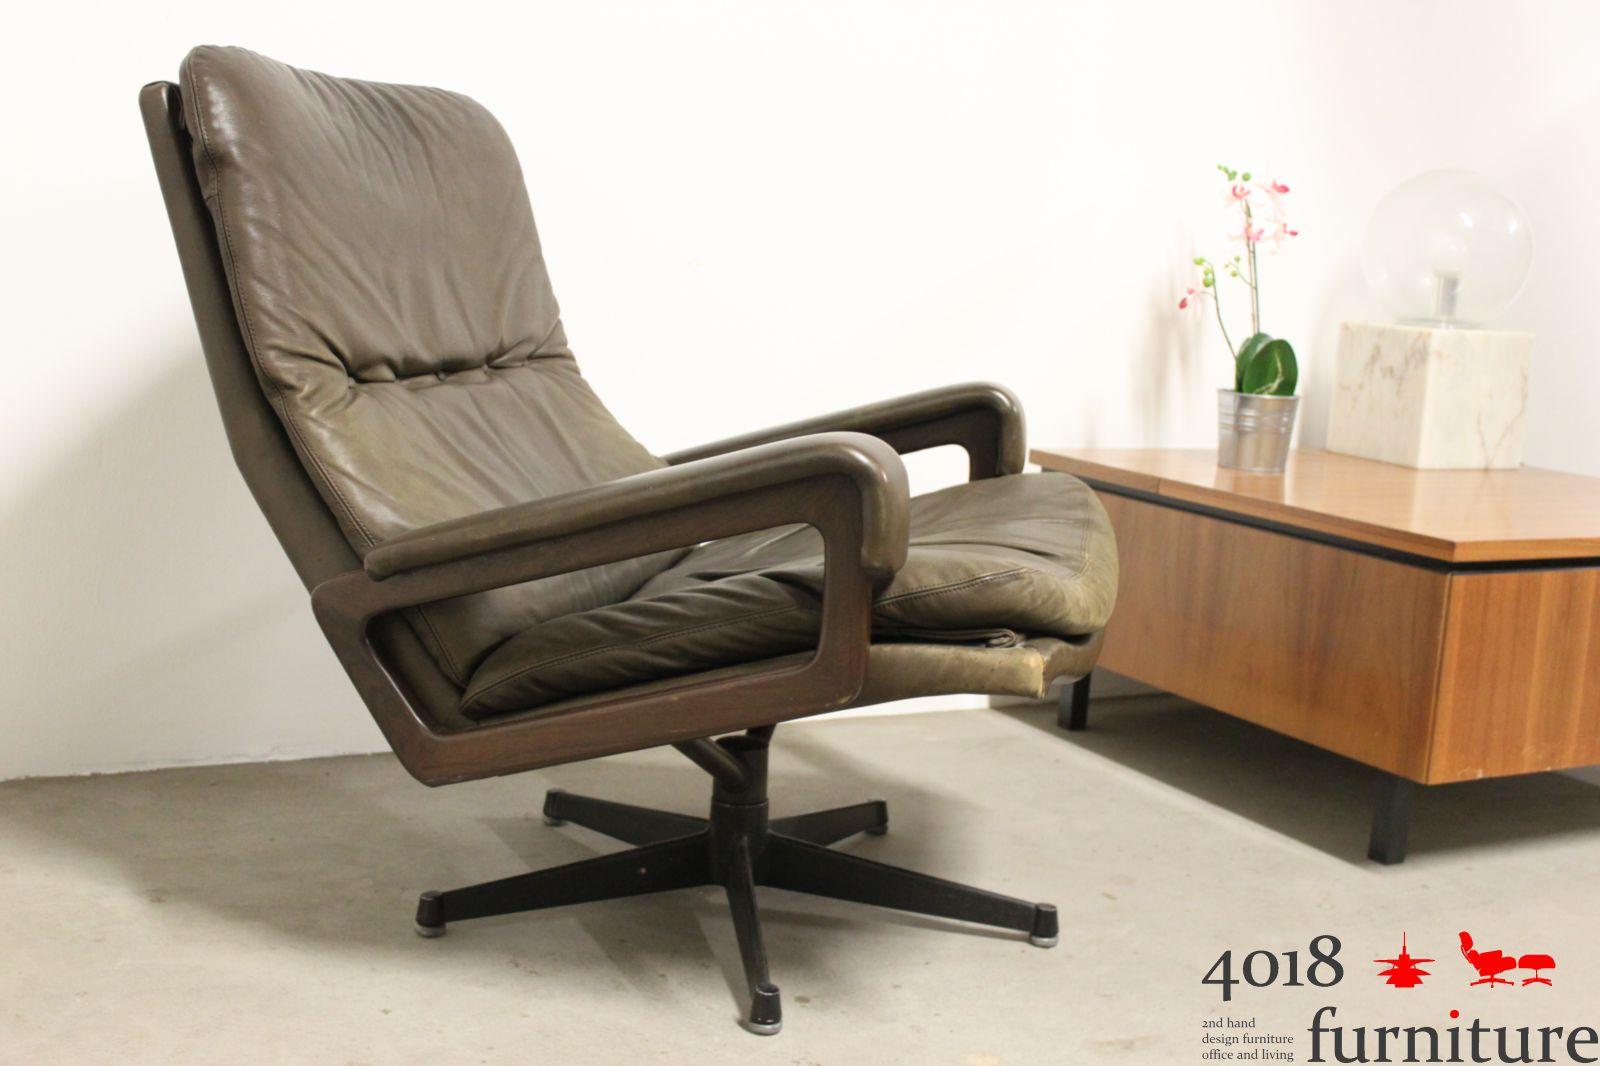 str ssle king chair king pouf andre vandenbreuck lounge. Black Bedroom Furniture Sets. Home Design Ideas